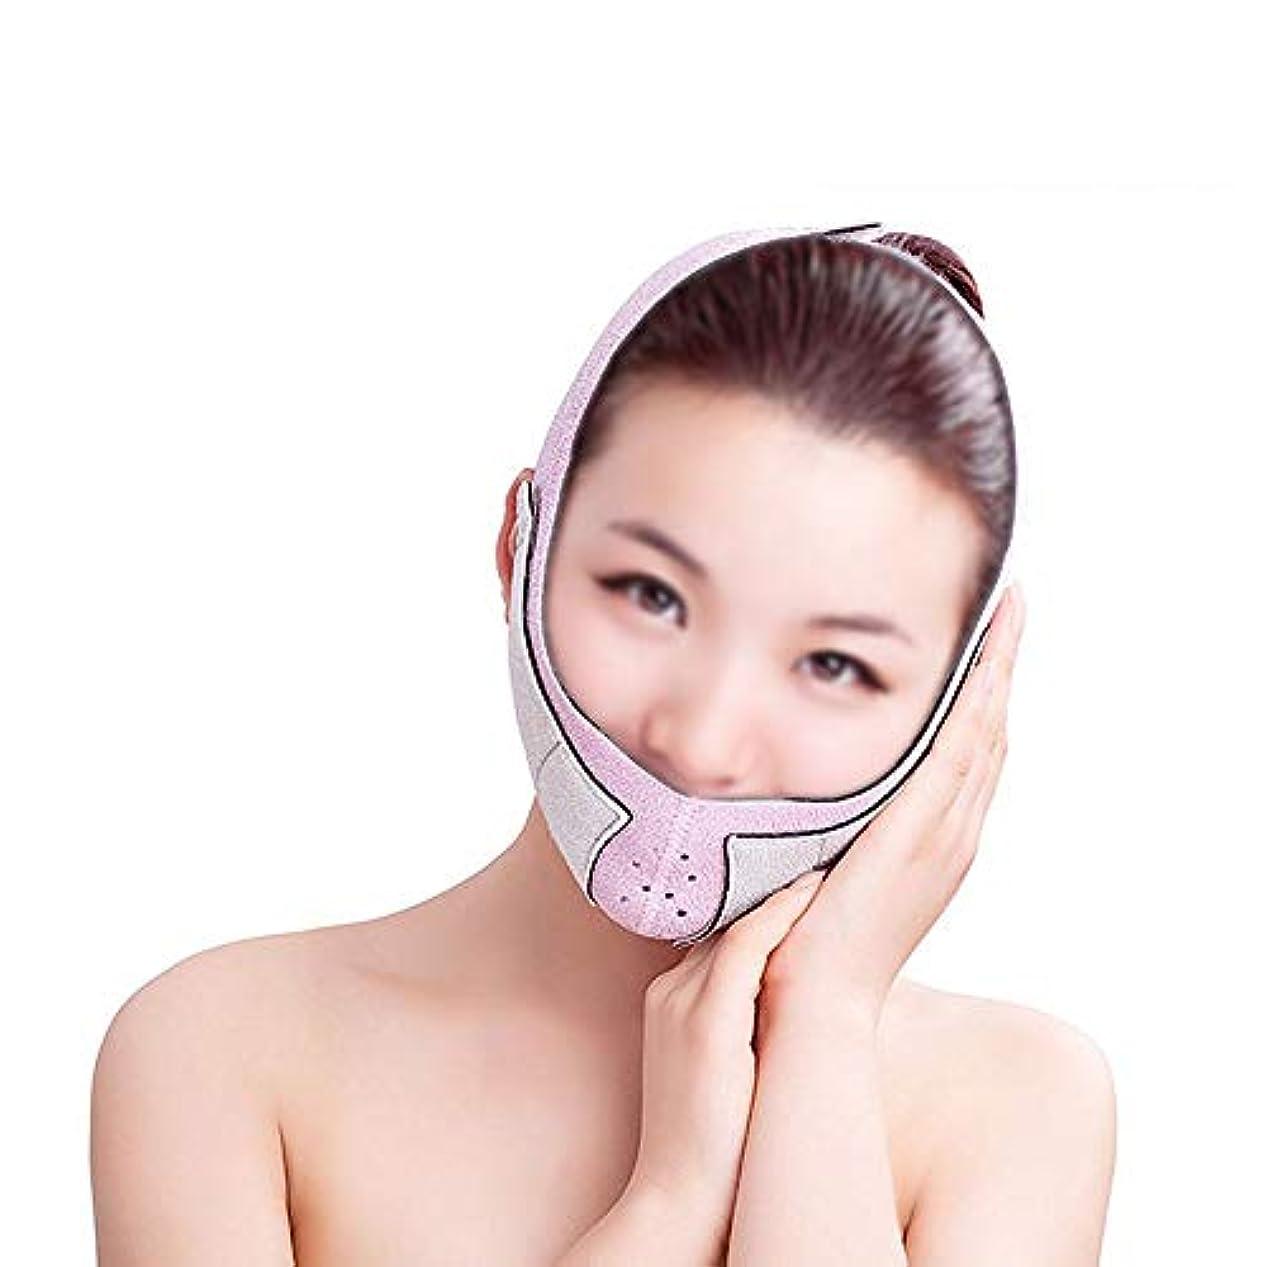 シロクマシャーロットブロンテ尋ねるGLJJQMY 薄い顔マスク痩身ベルト薄い顔マスク強力なアップグレード小さいV顔薄い顔包帯美容顔デバイス 顔用整形マスク